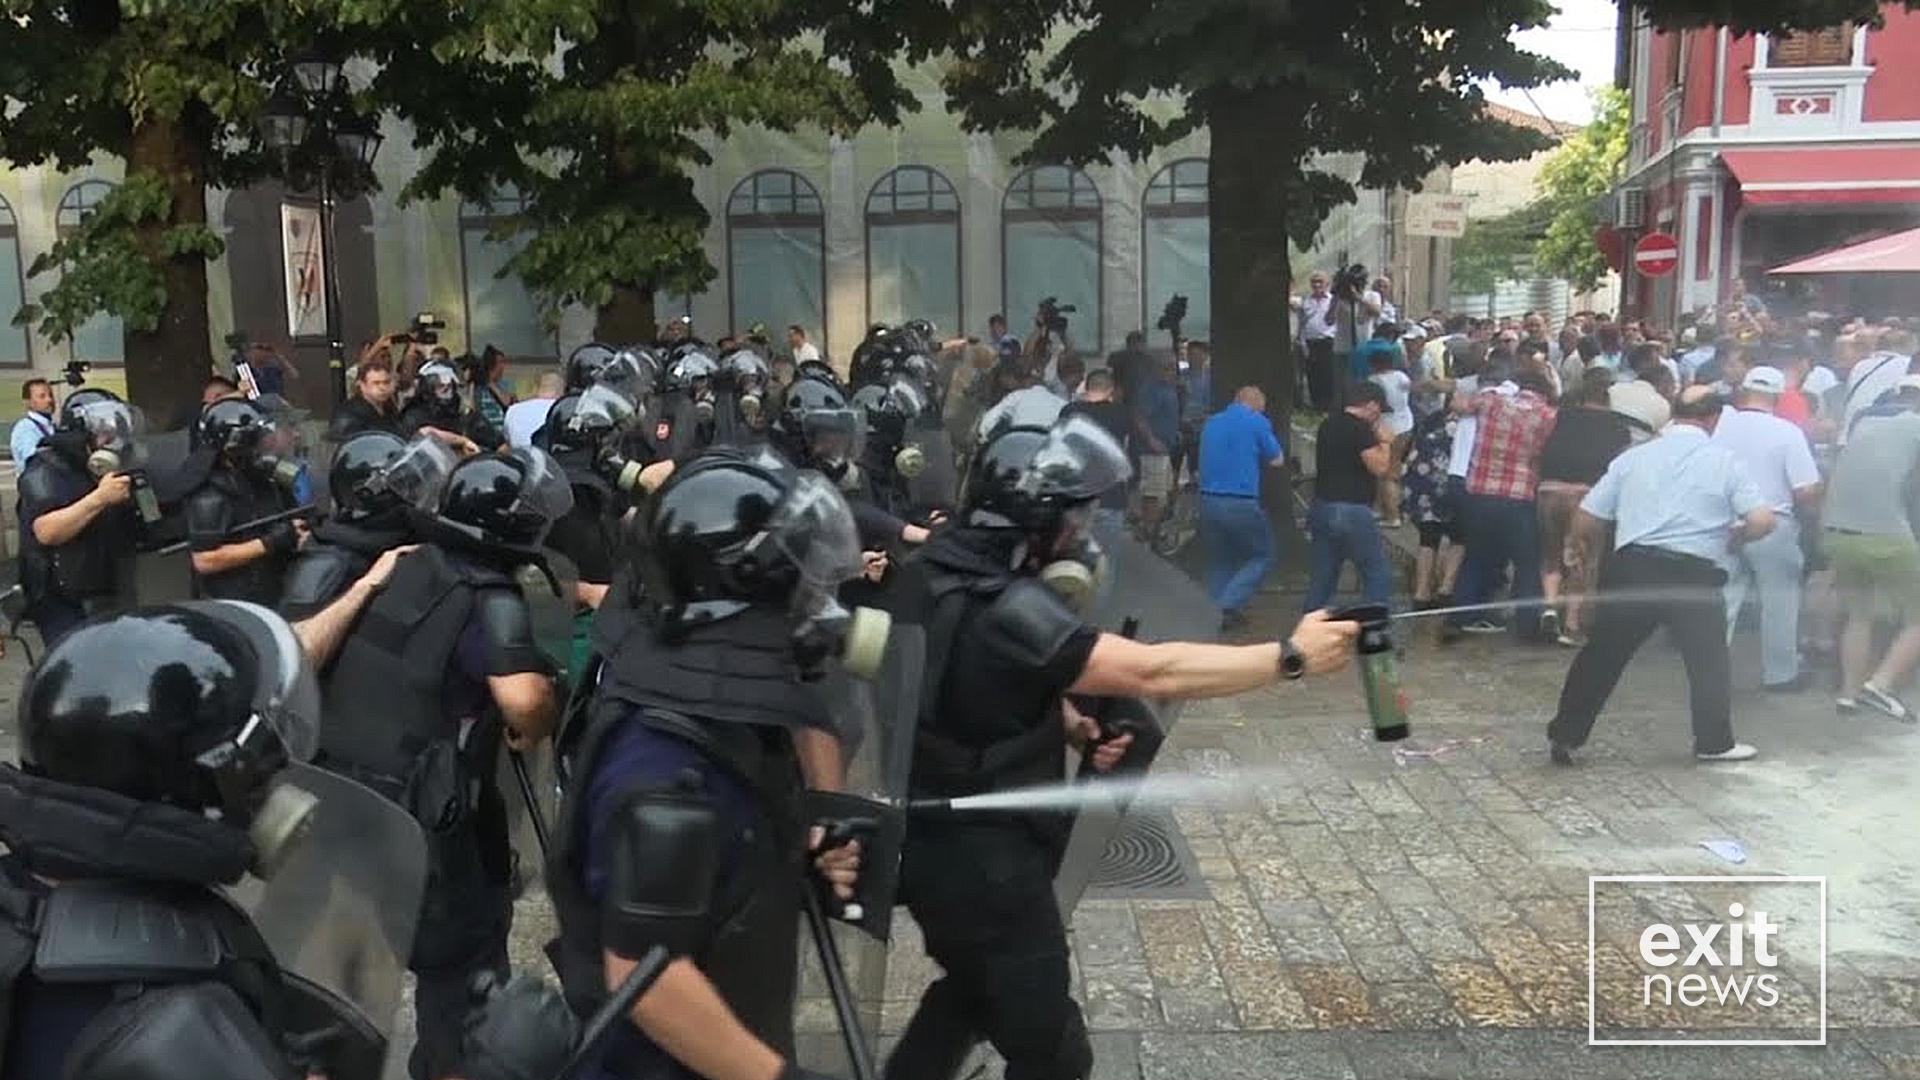 Zyrtare, qeveria huazoi gaz lotsjellës nga Kosova për të shtypur protestat e opozitës